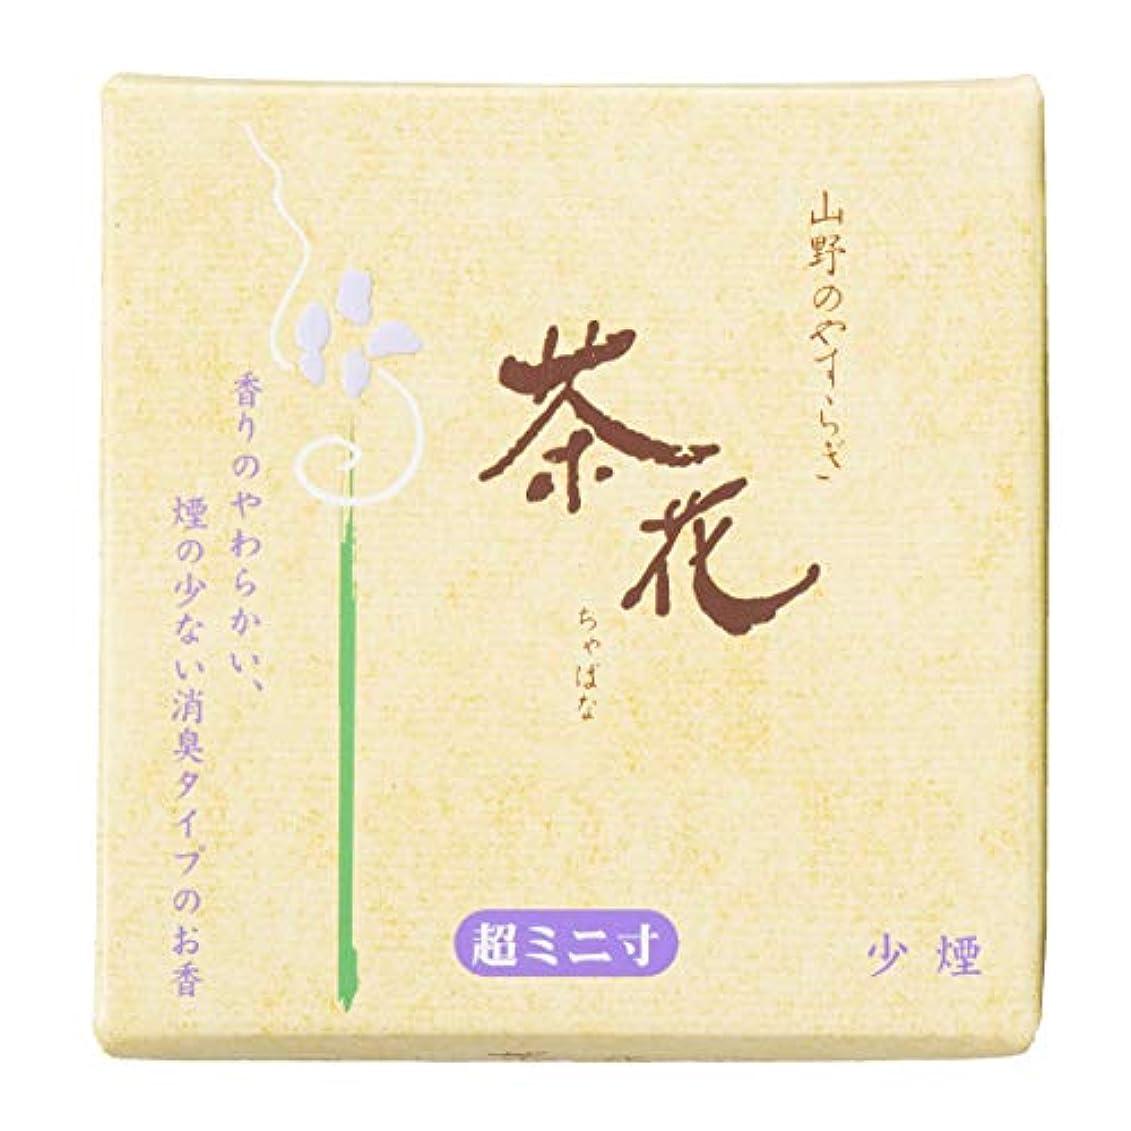 テクトニックトラフボウル尚林堂(Shorindo) 線香 黄箱 6cm 茶花 少煙 超ミニ寸 159120-1040